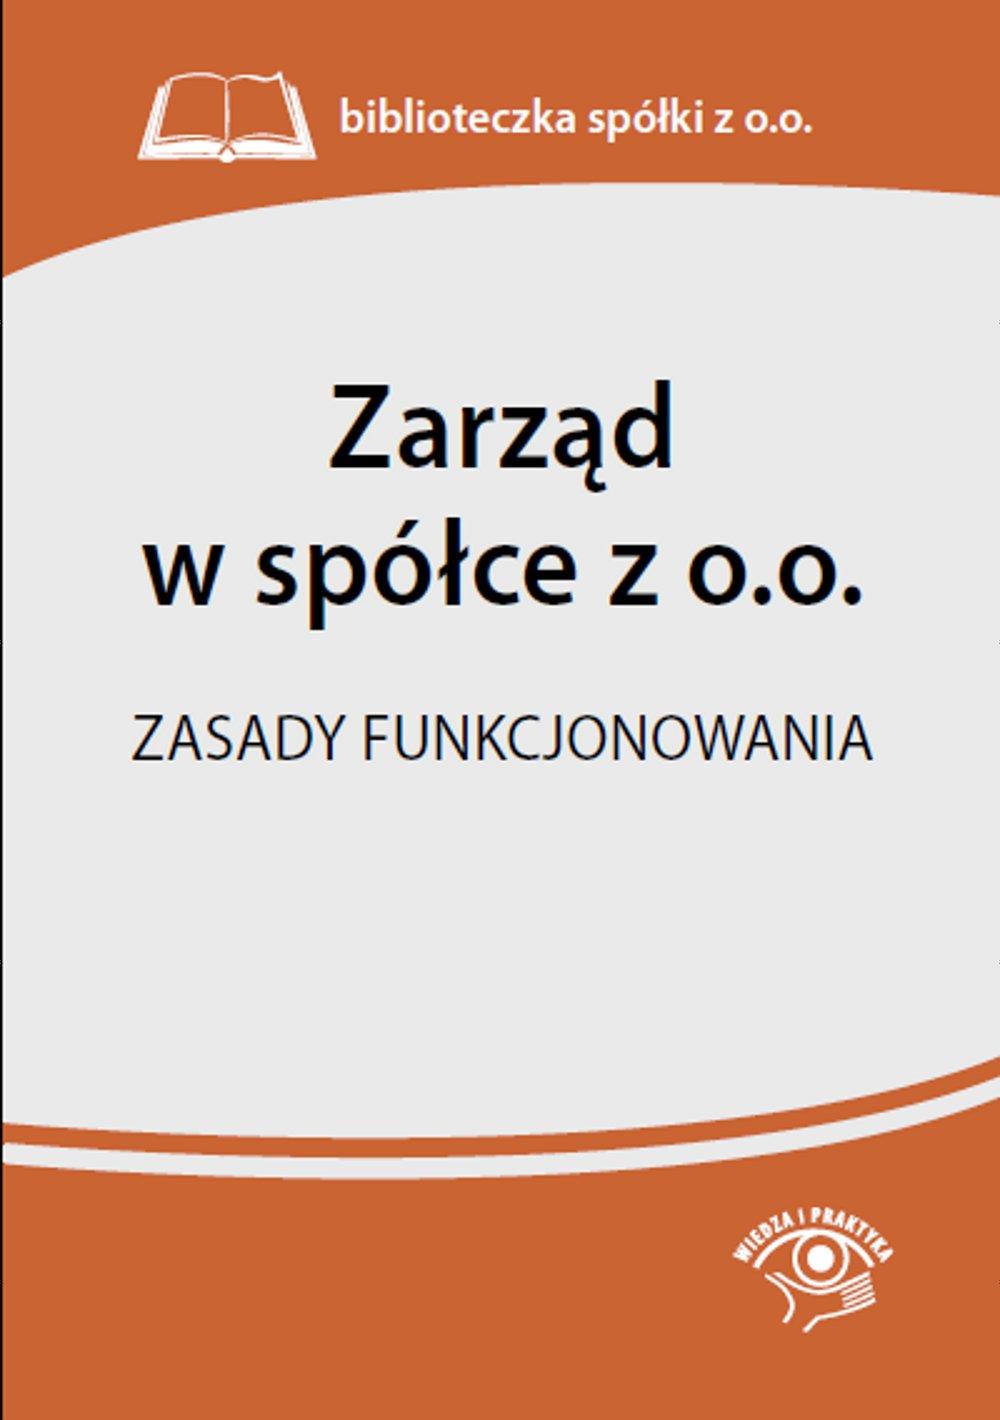 Zarząd w spółce z o.o. Zasady funkcjonowania - Ebook (Książka EPUB) do pobrania w formacie EPUB